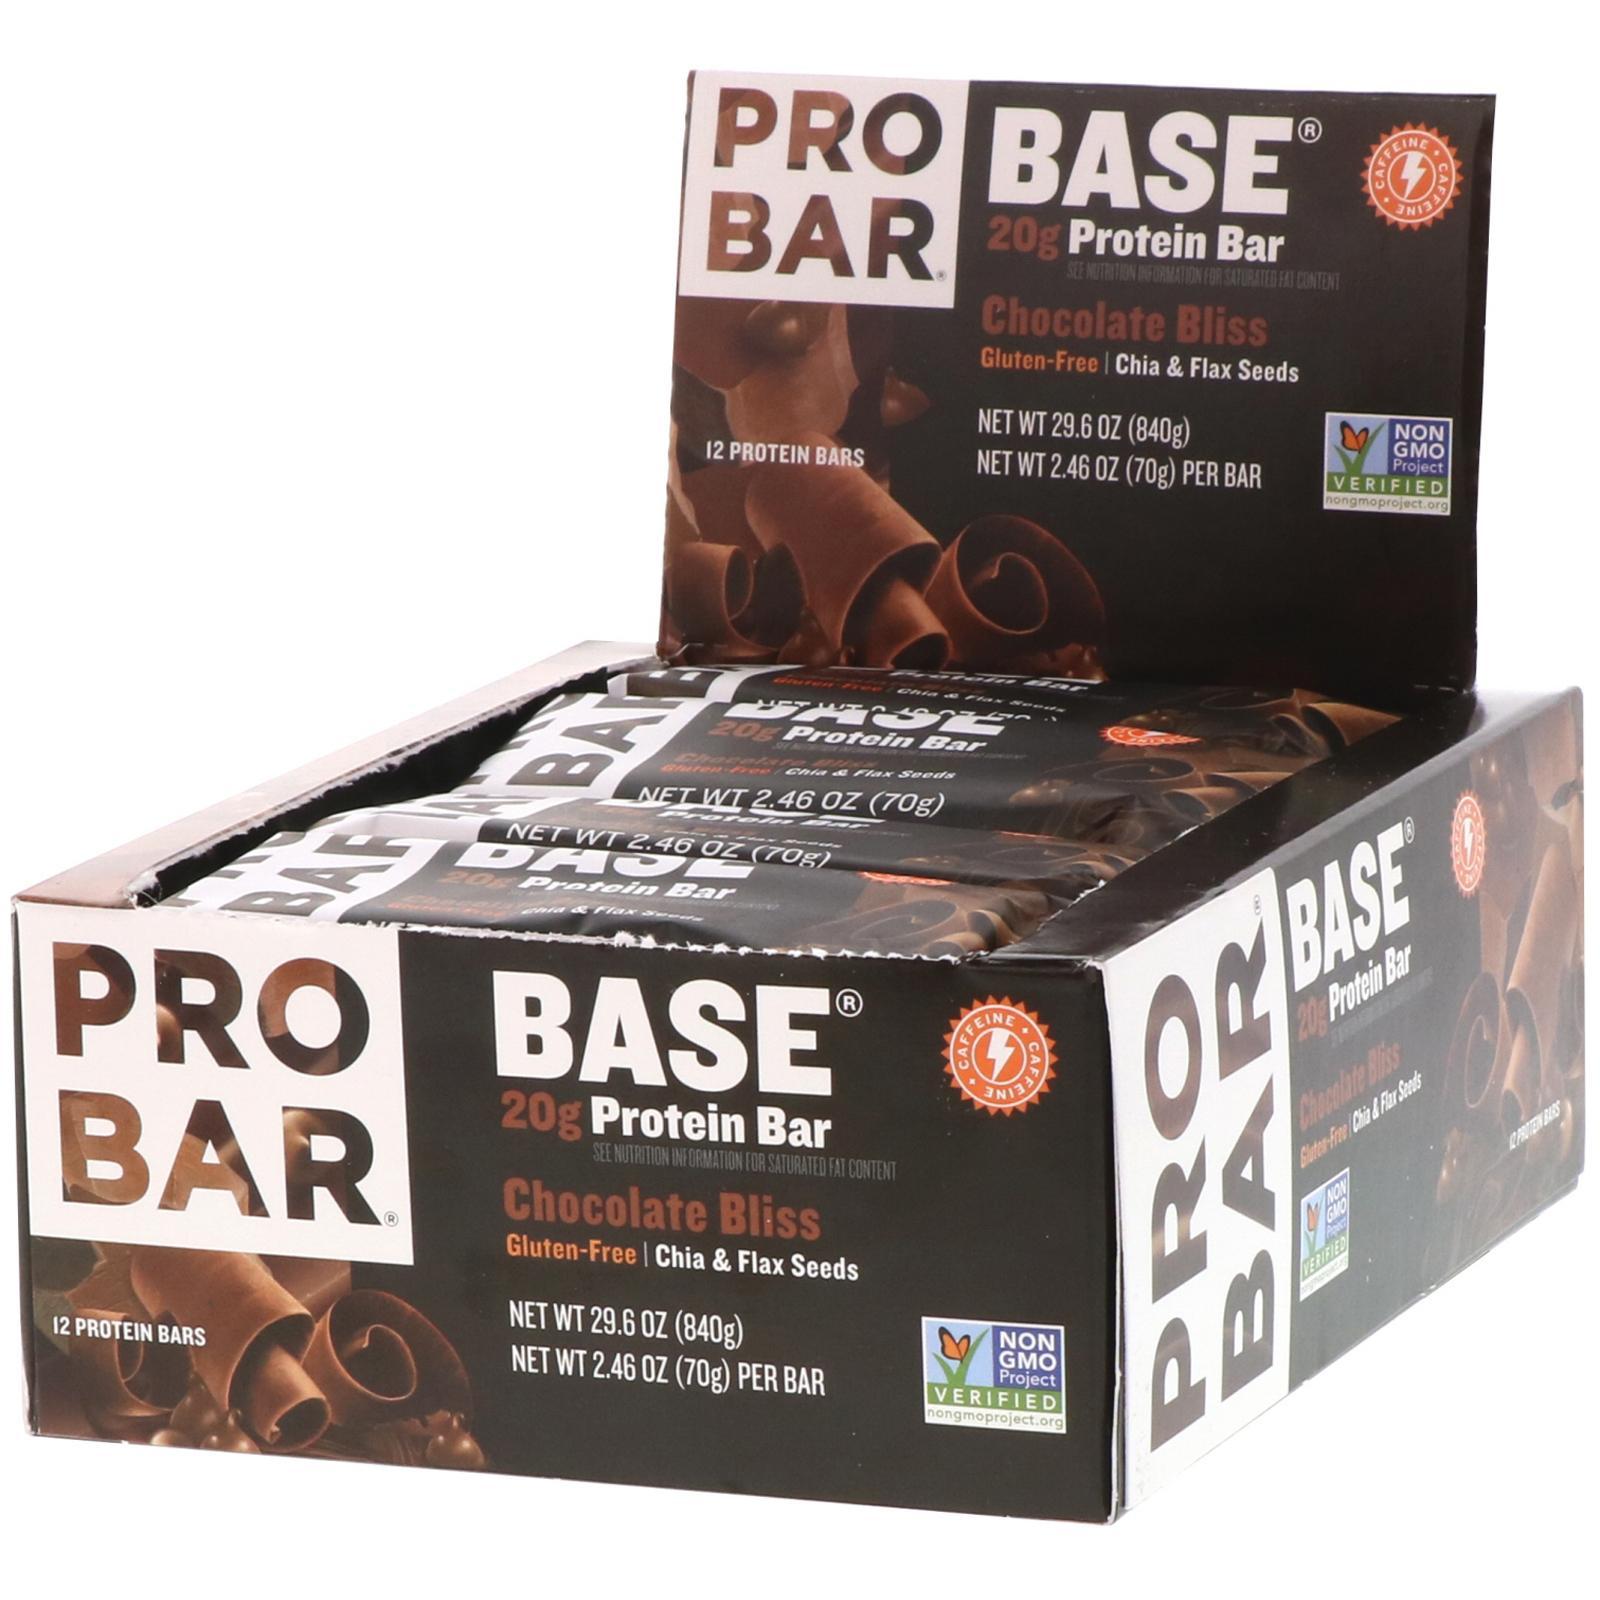 Whey Protein Bar : PRO BAR 850g ( 12 thanh ) nhập khẩu USA - 20g Protein/thanh nhập khẩu